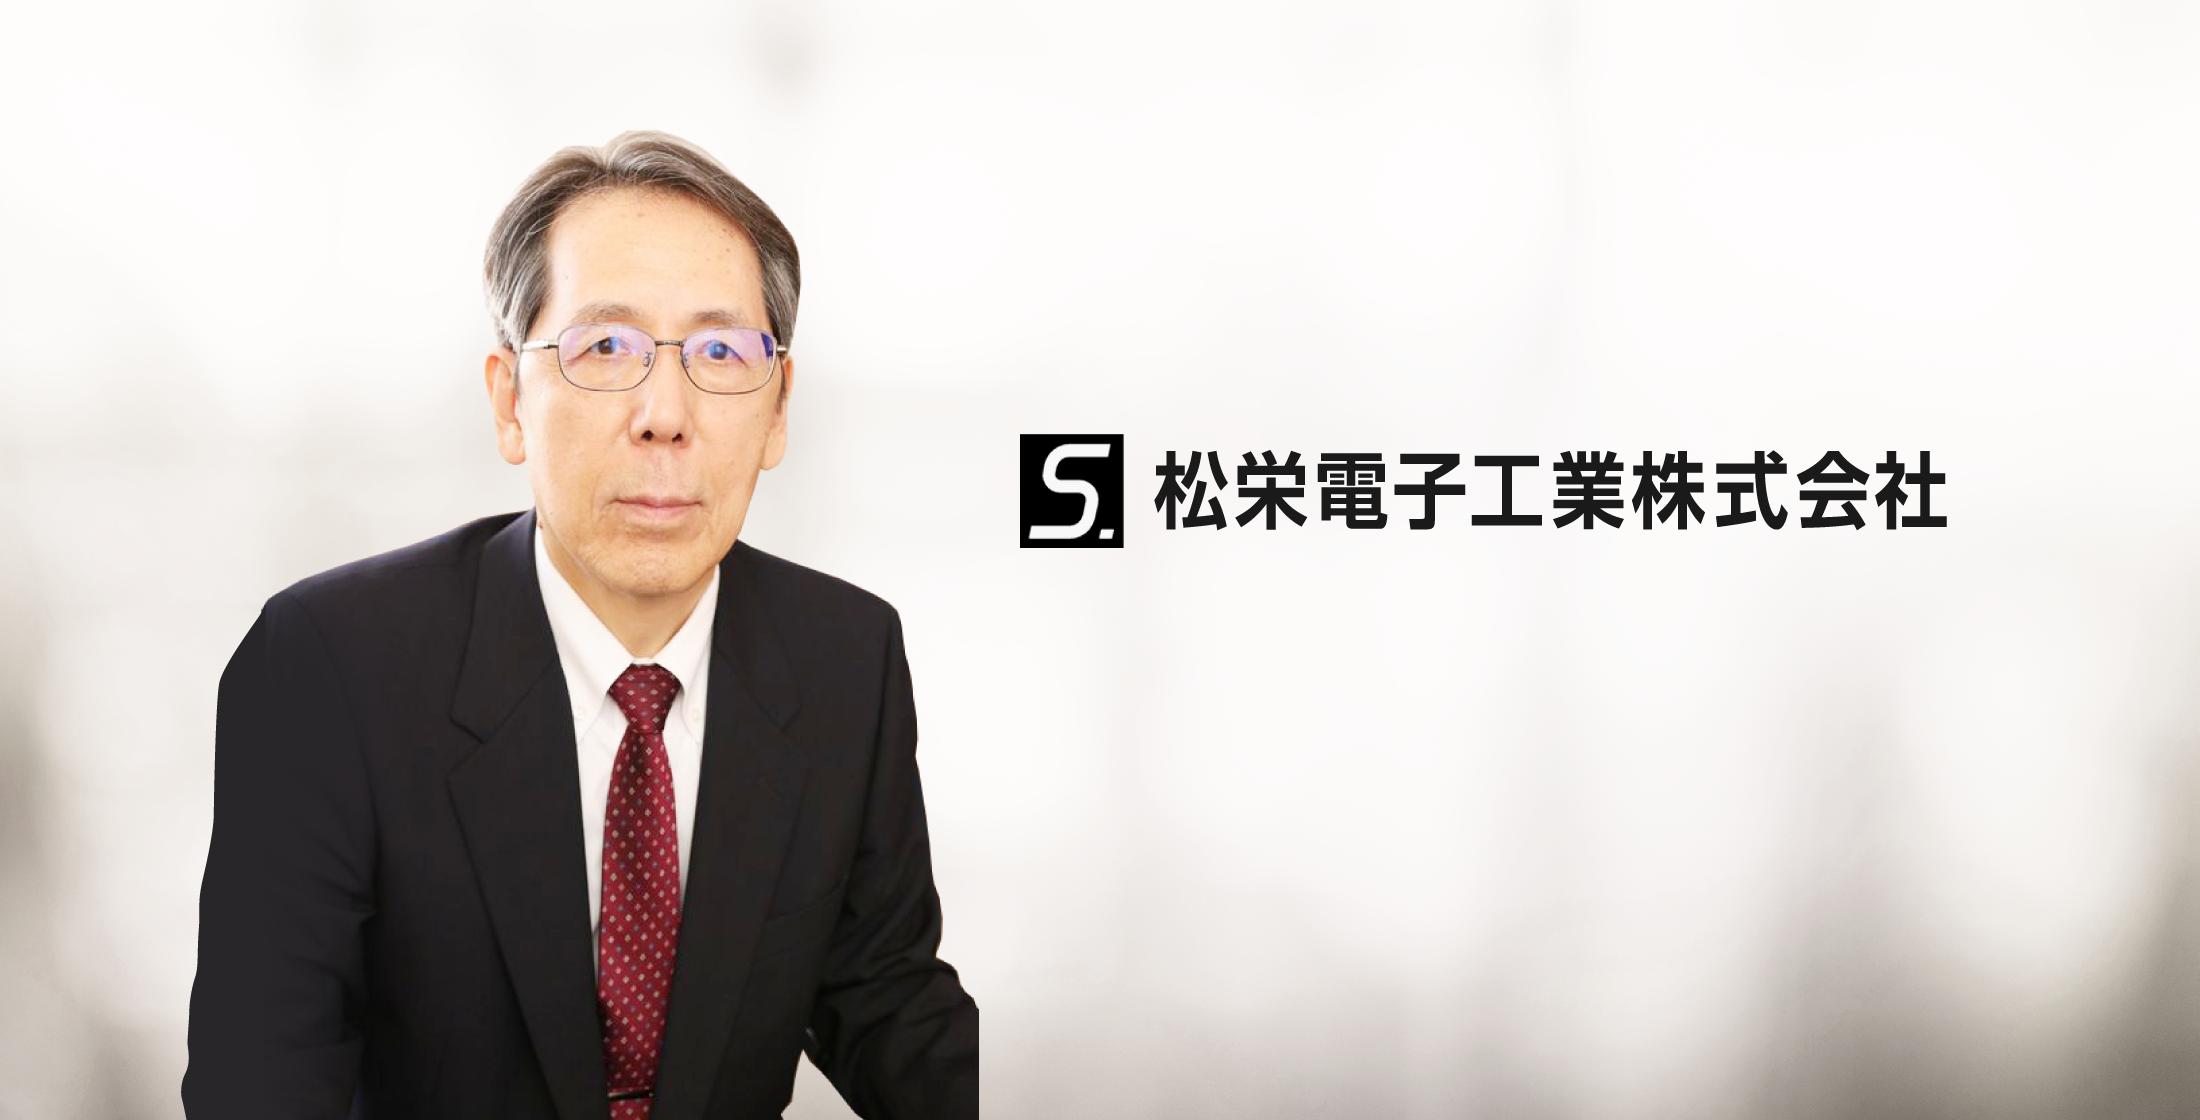 松栄電子工業株式会社の代表取締役社長平松義朗の代表挨拶・経営理念